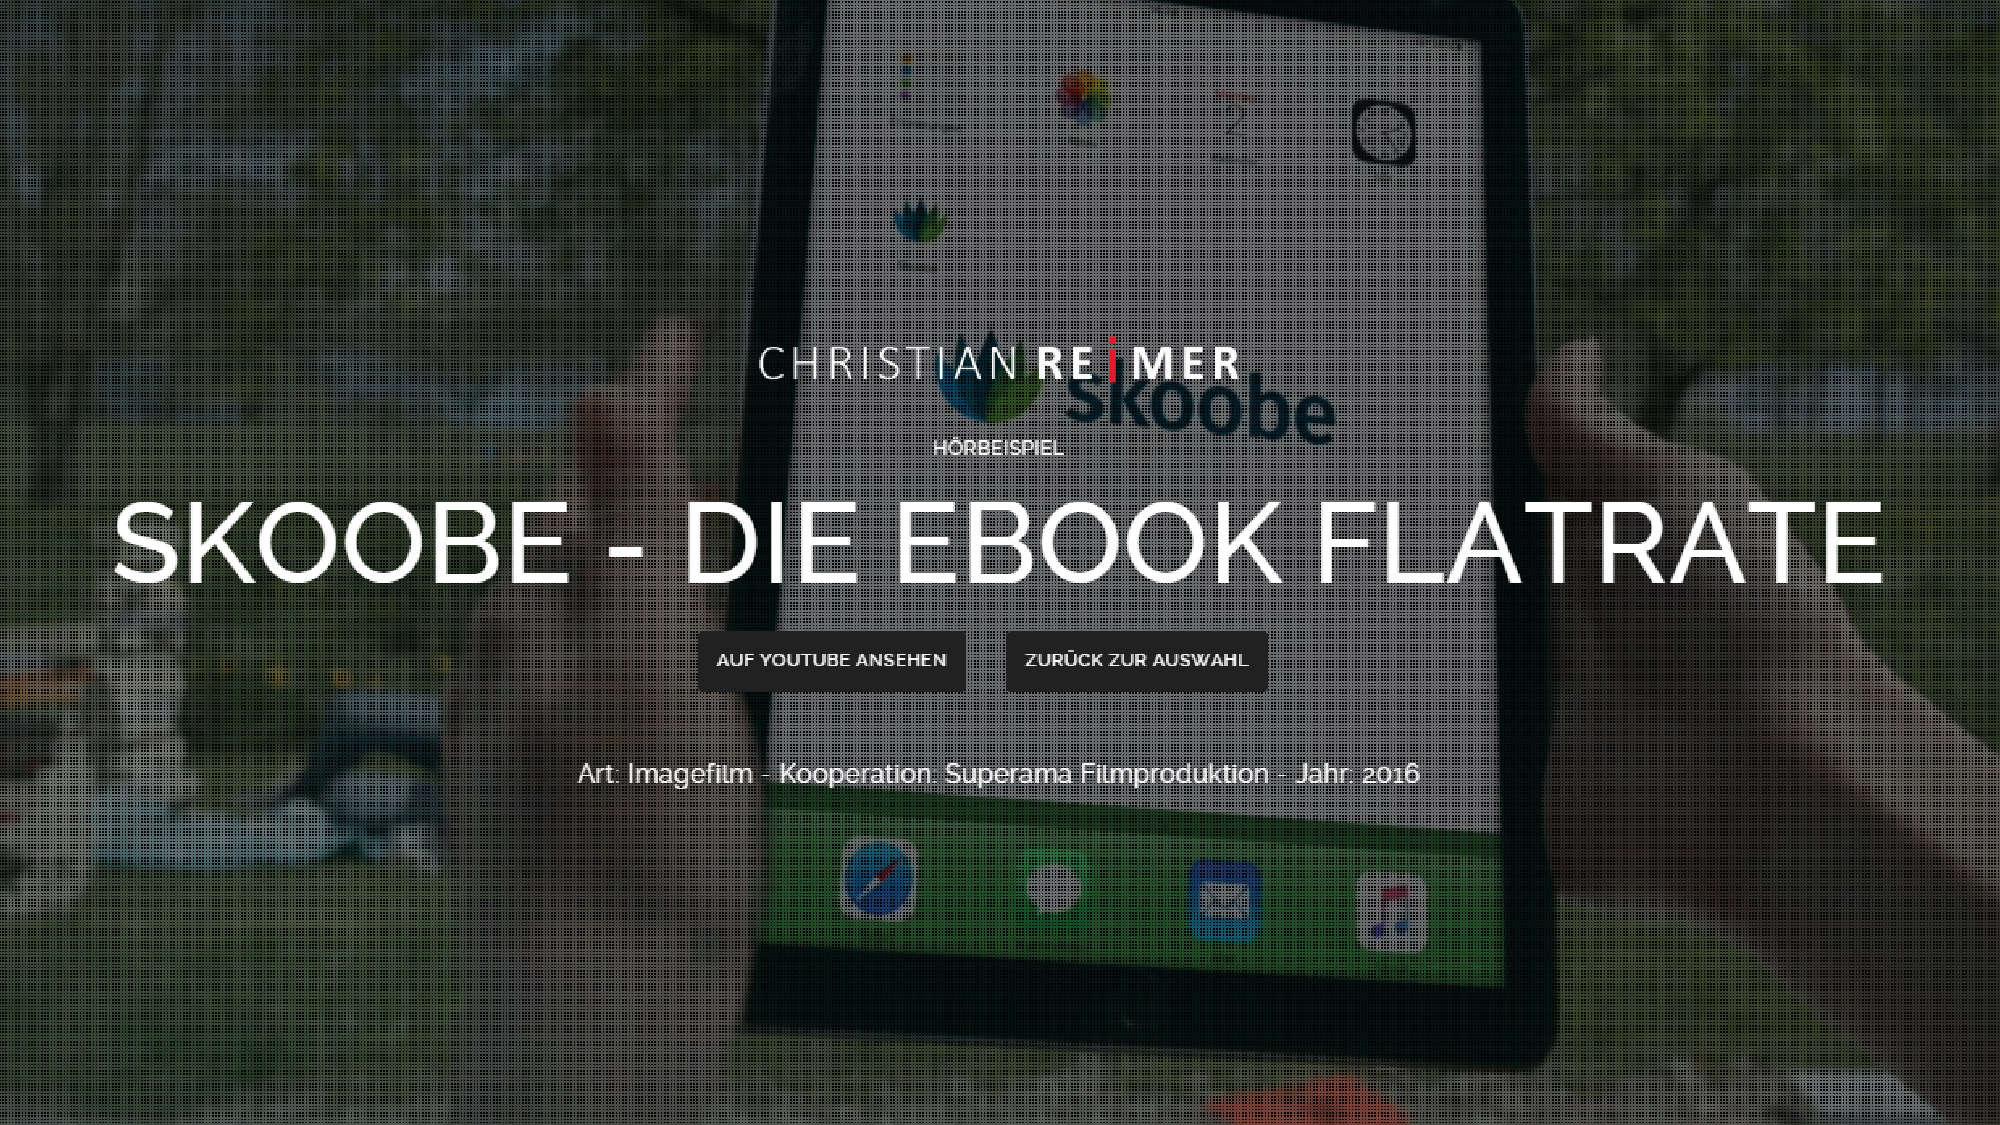 Skoobe - die Ebook Flatrate. Hörbeispiel Christian Reimer